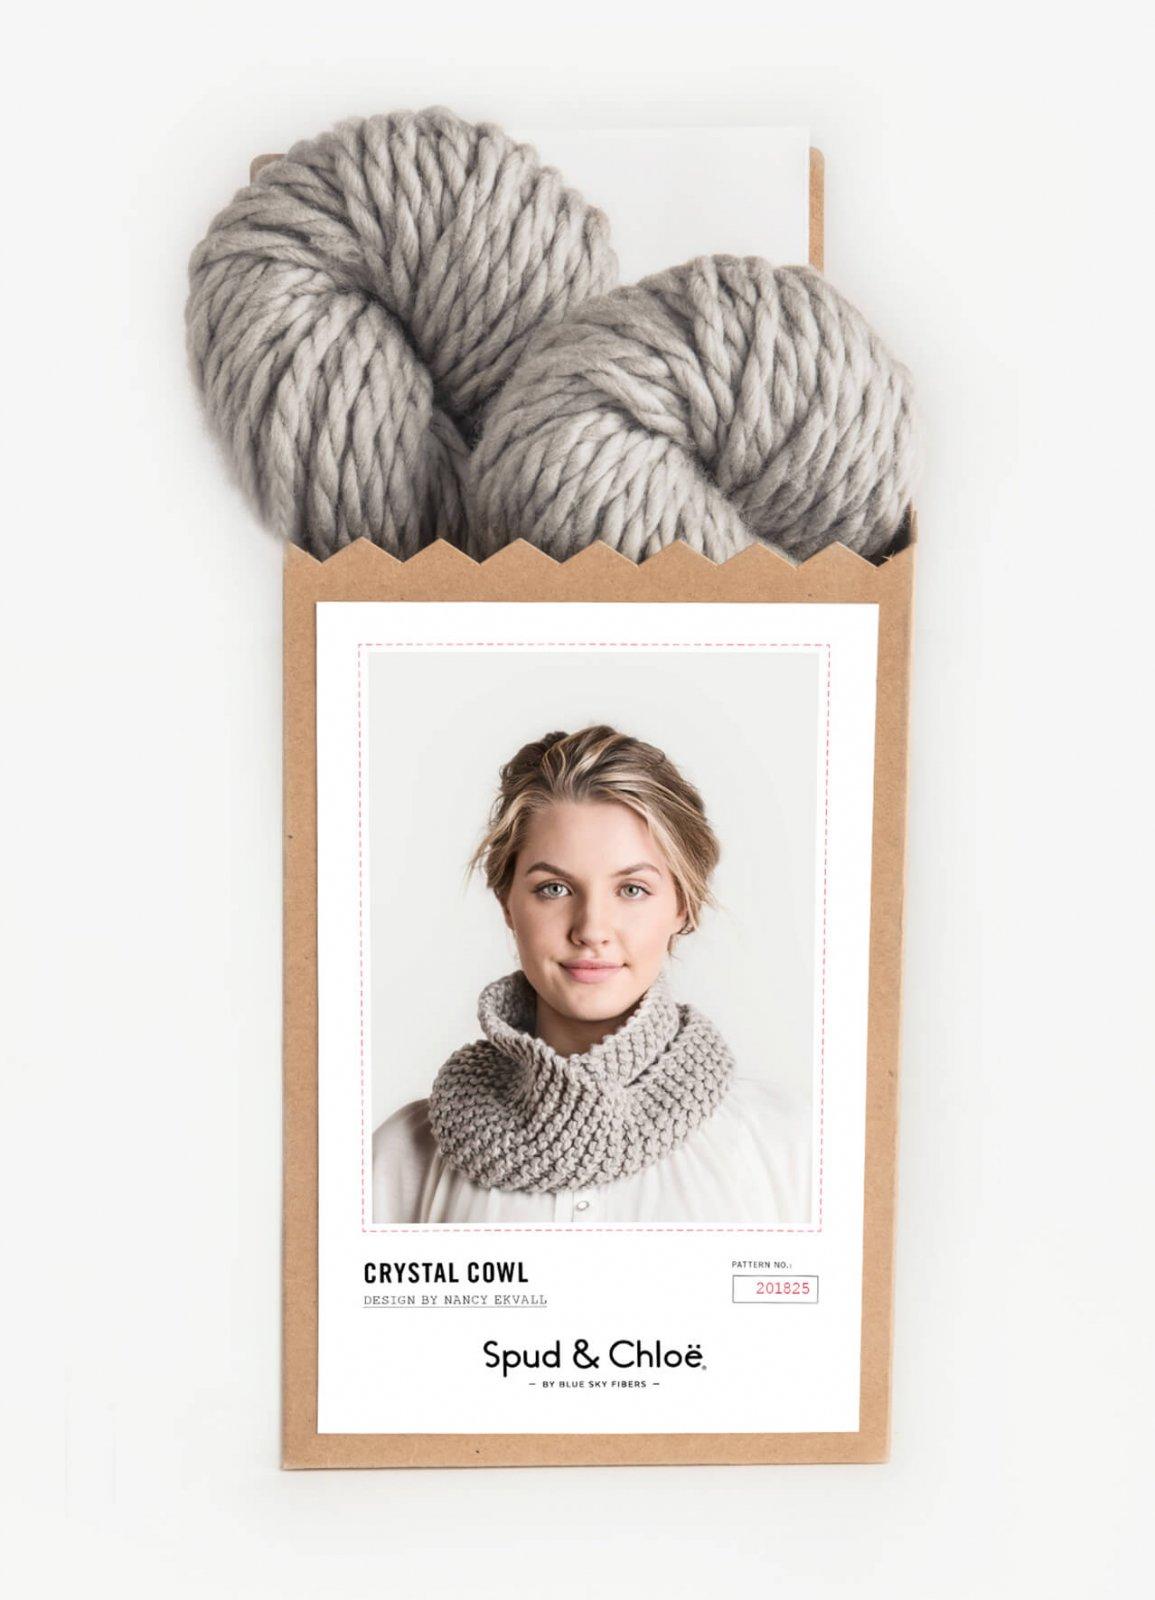 Spud & Chloe Crystal Cowl Kit